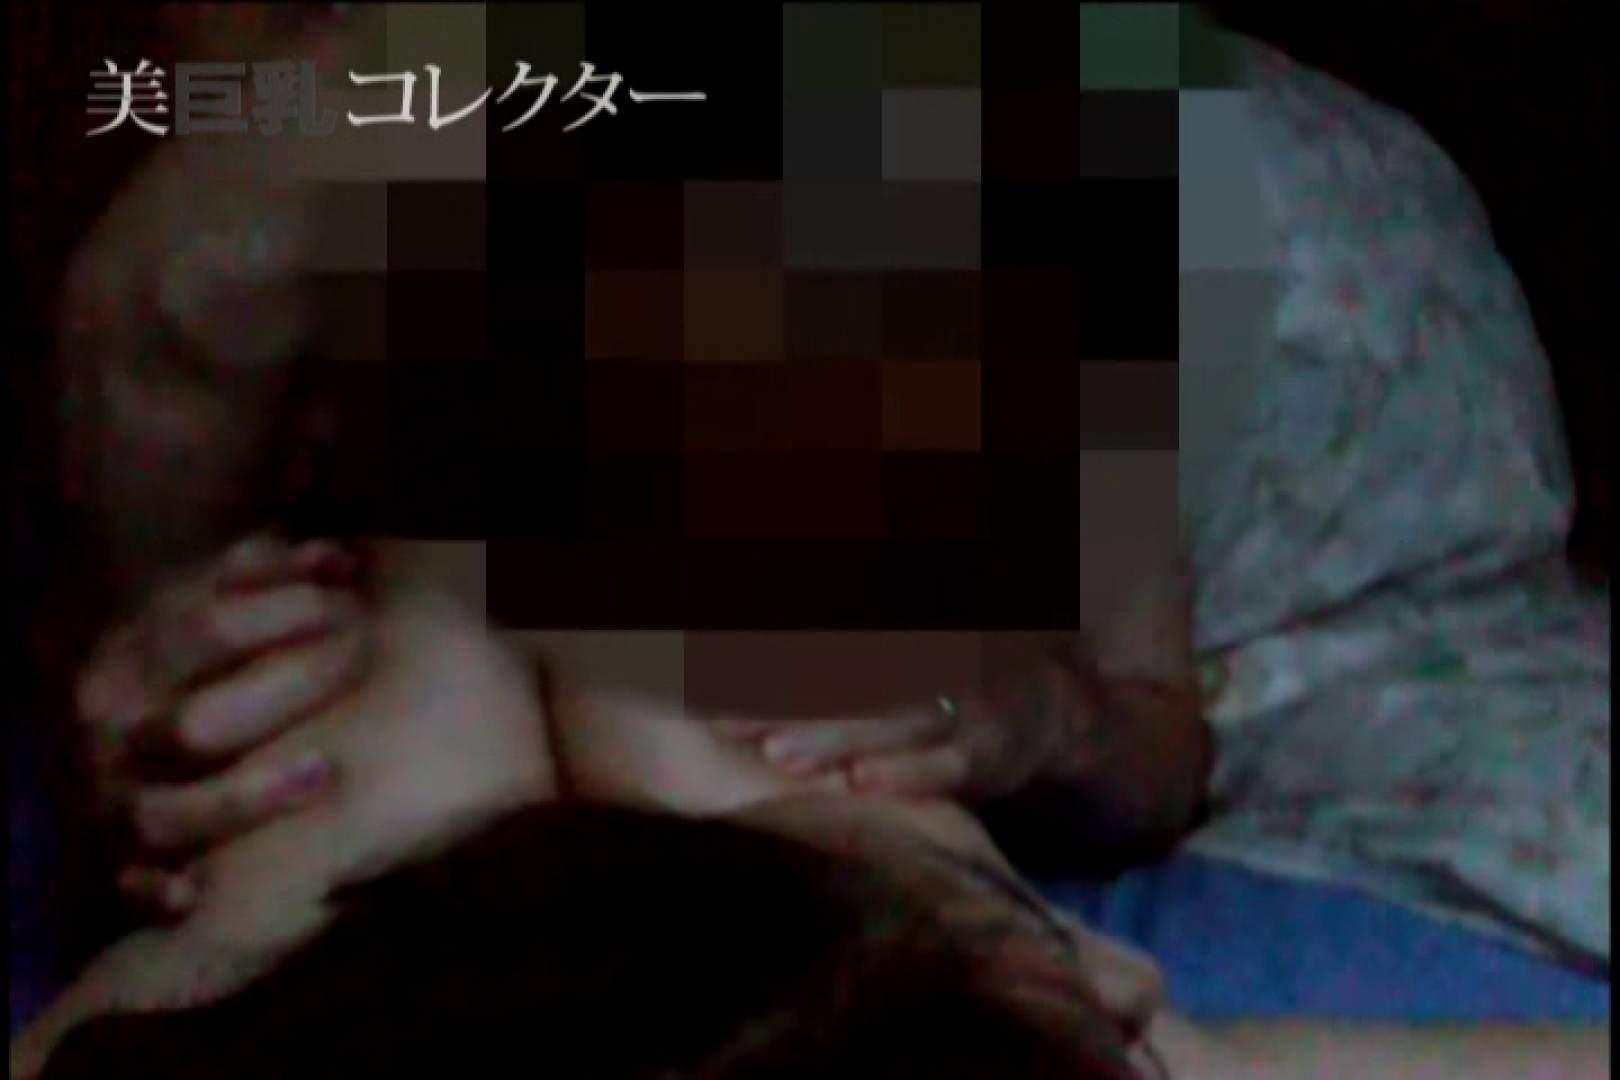 泥酔Hカップ爆乳ギャル3 SEX おまんこ動画流出 50枚 17